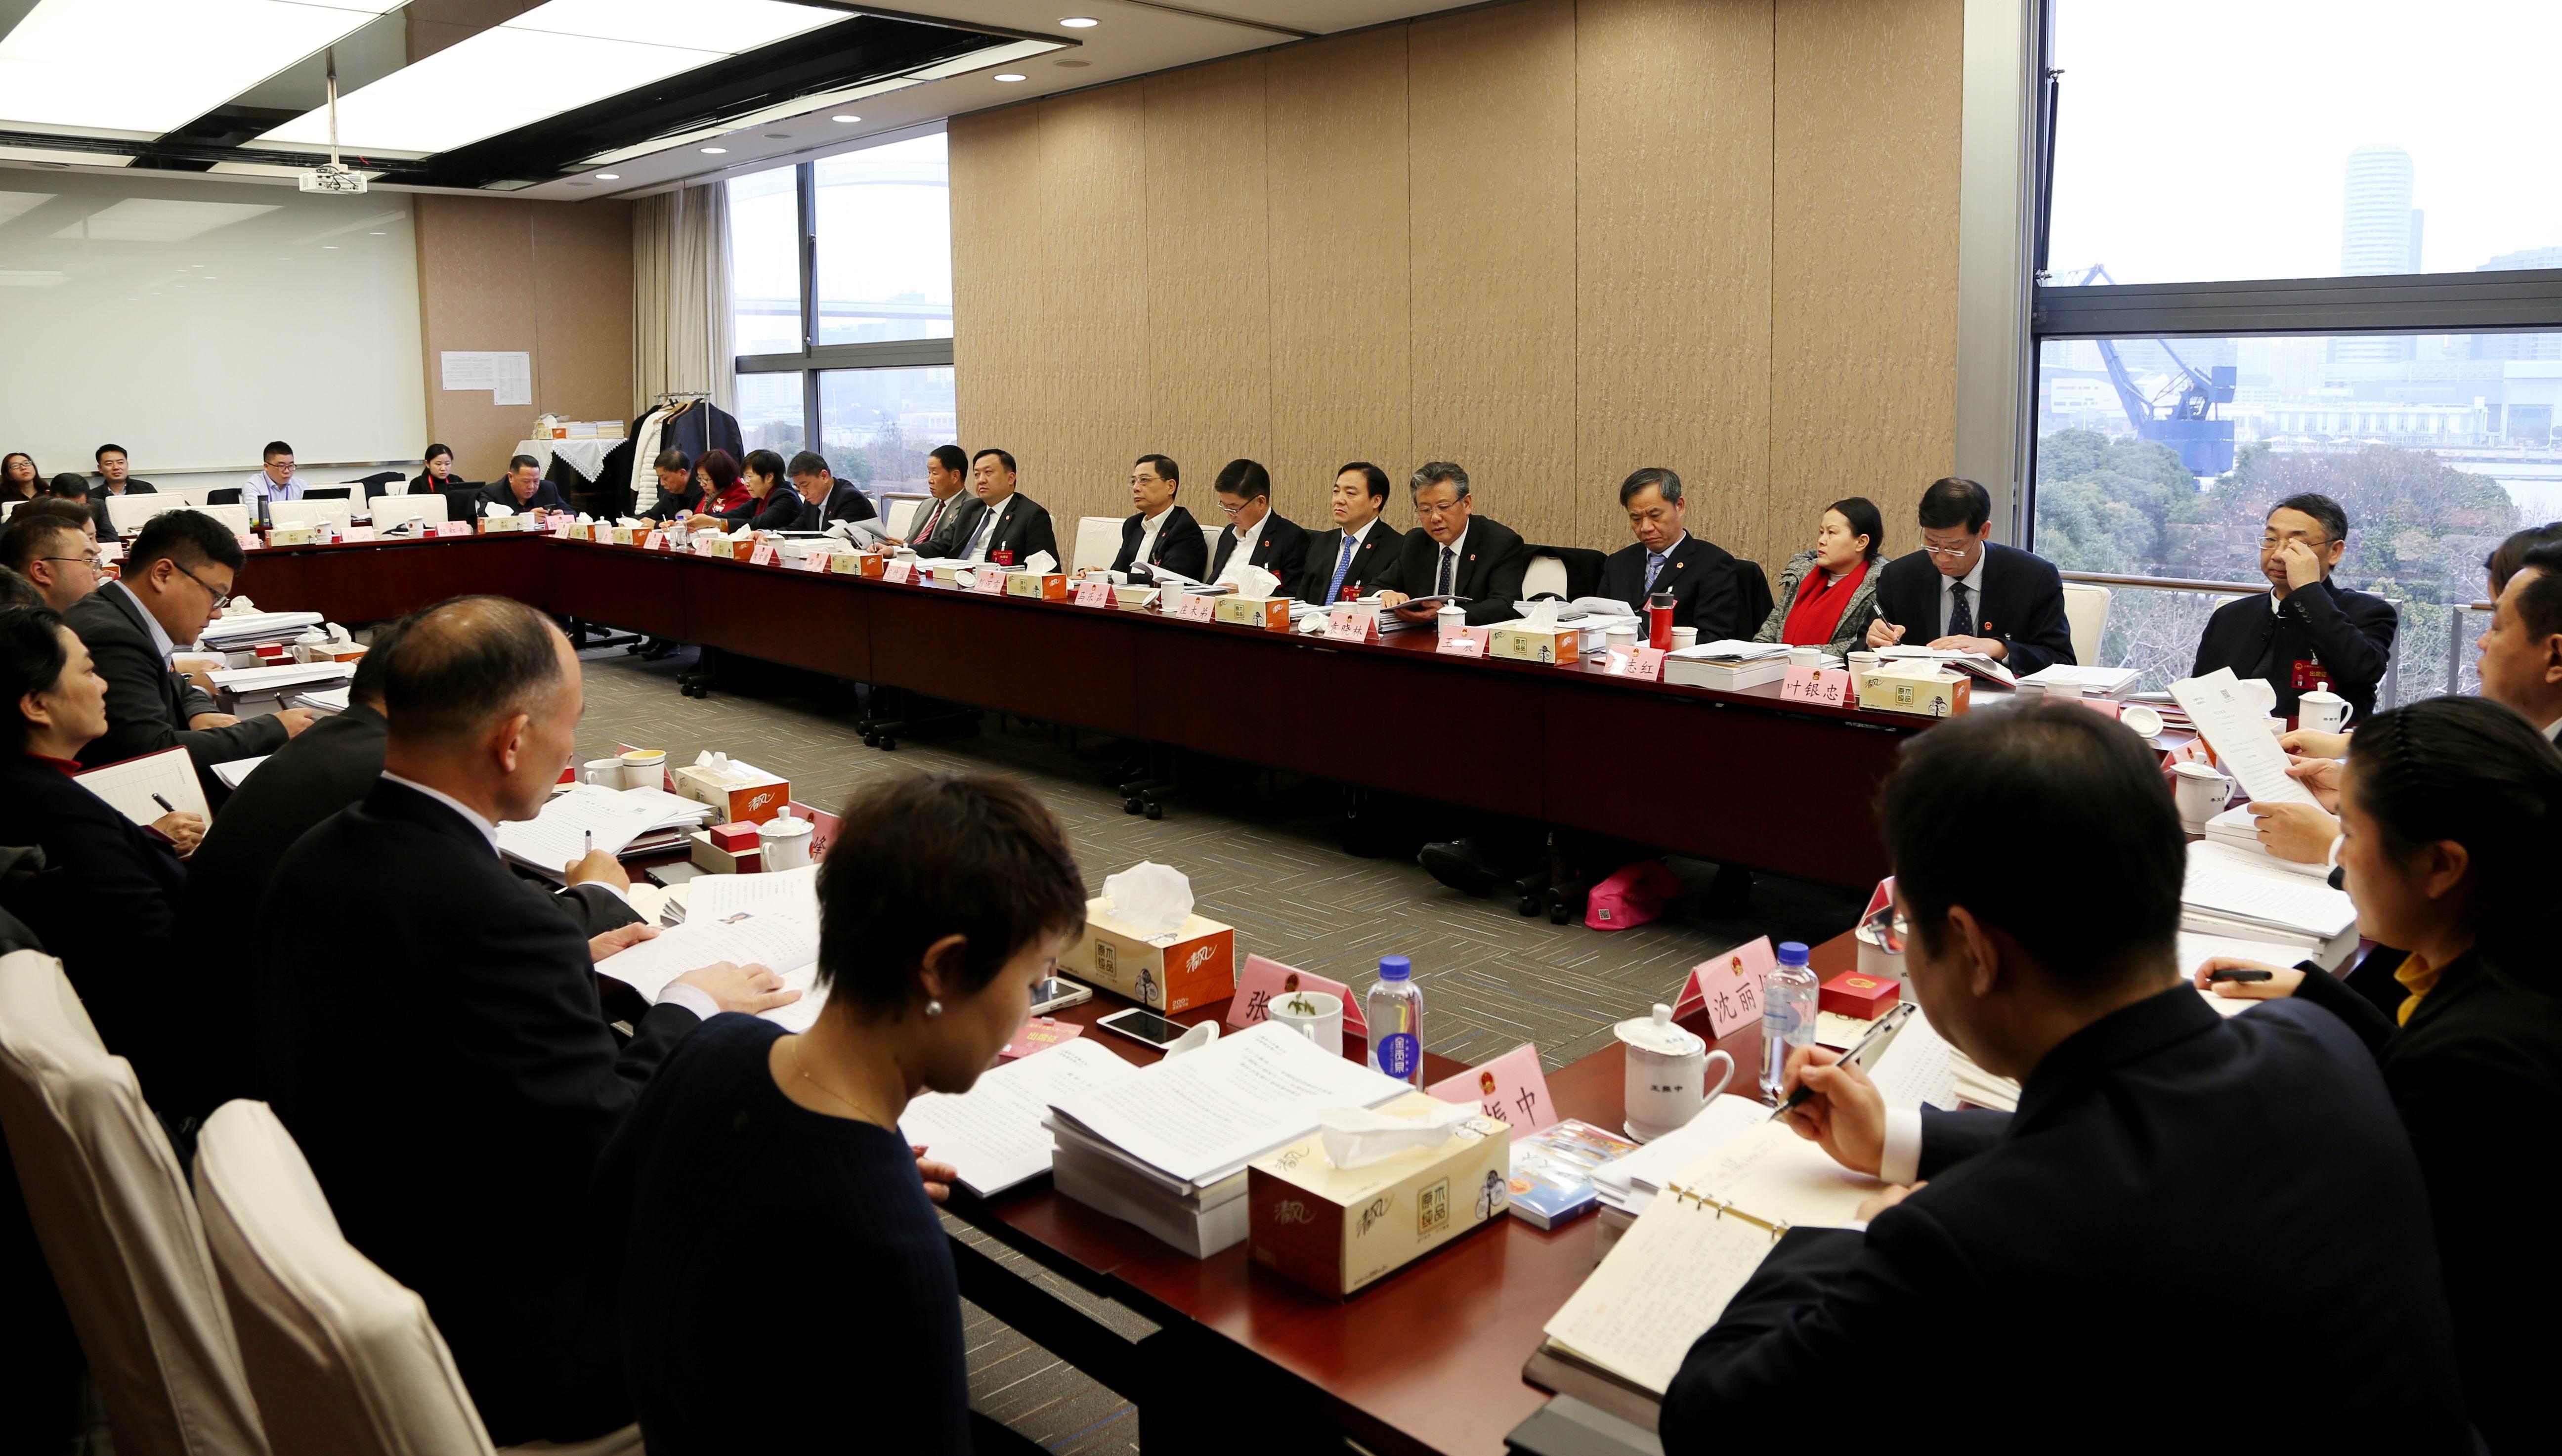 上海市政府领导参加审议政府工作报告